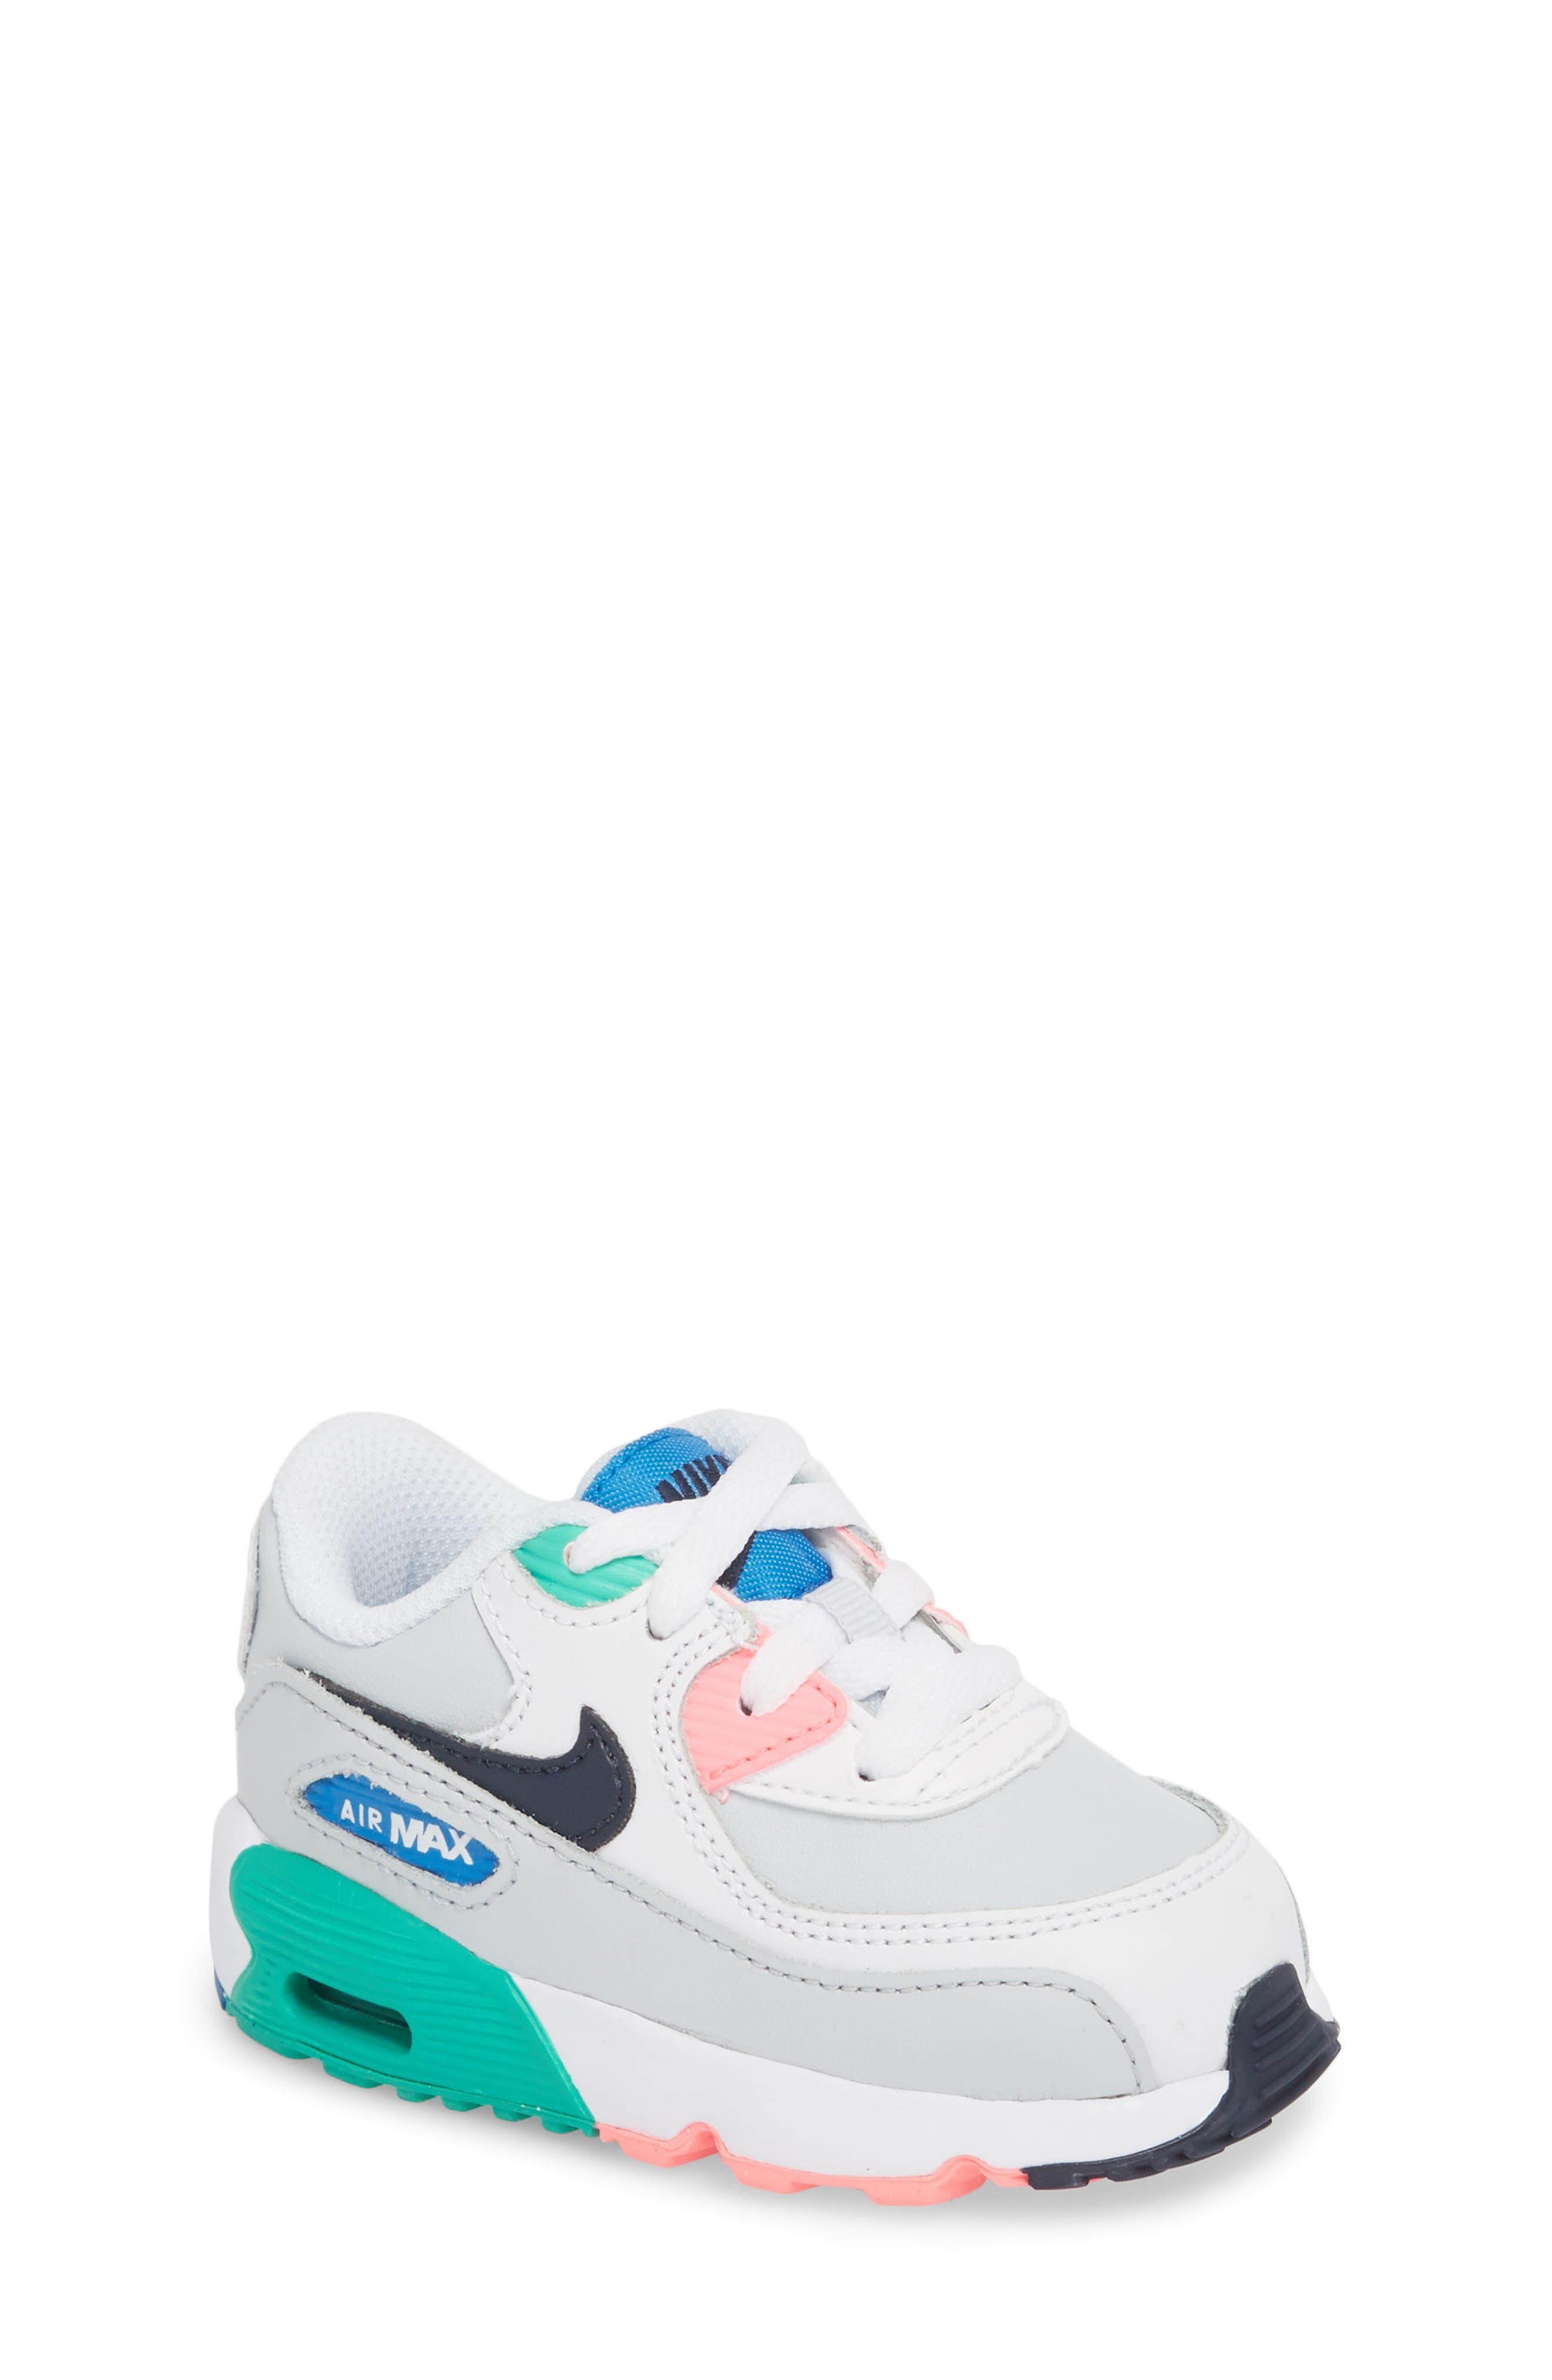 Air Max 90 Sneaker,                         Main,                         color,